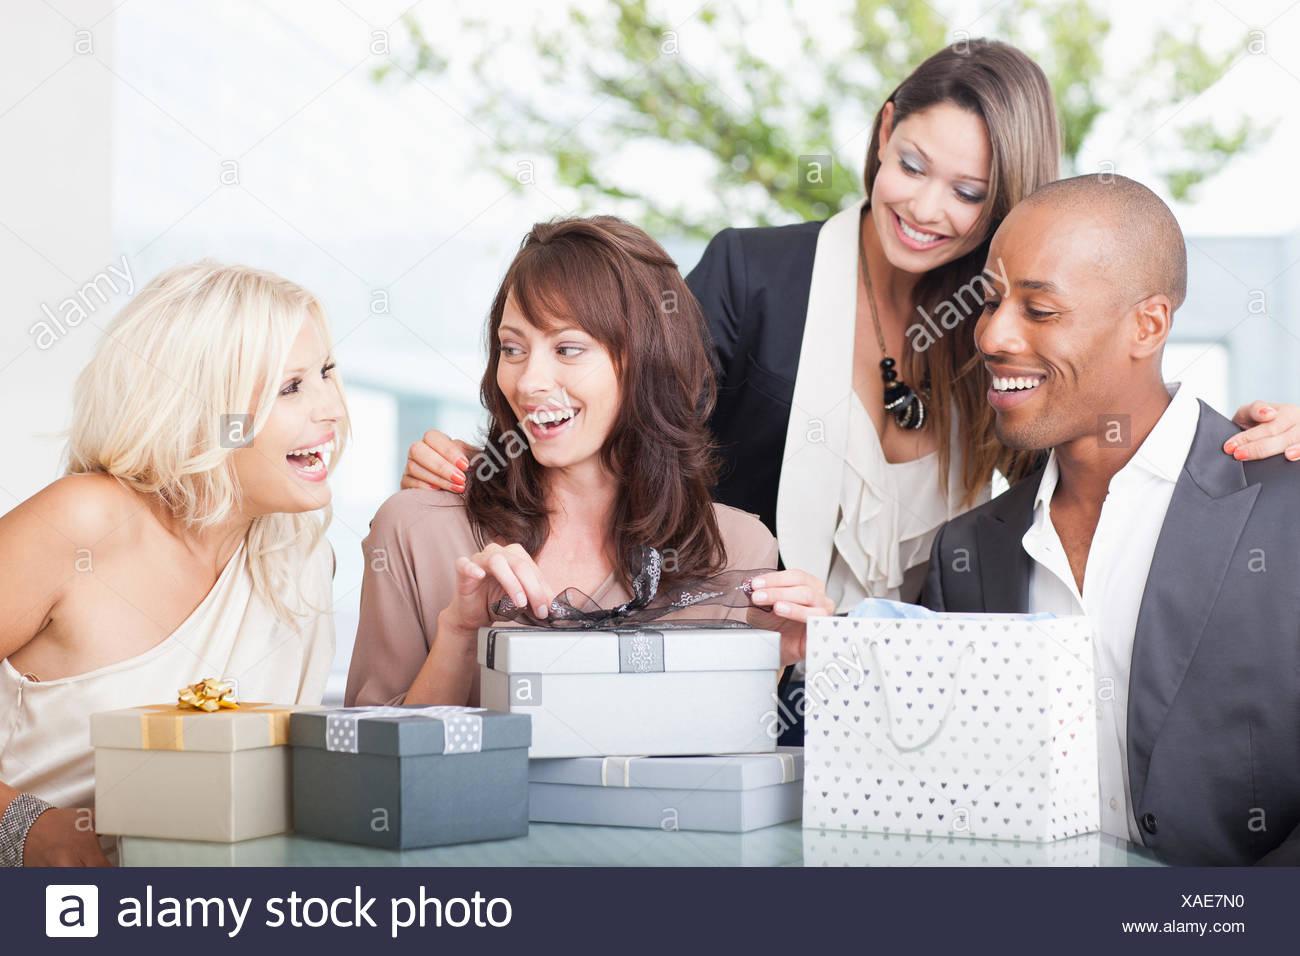 Les amis de l'ouverture des cadeaux Photo Stock